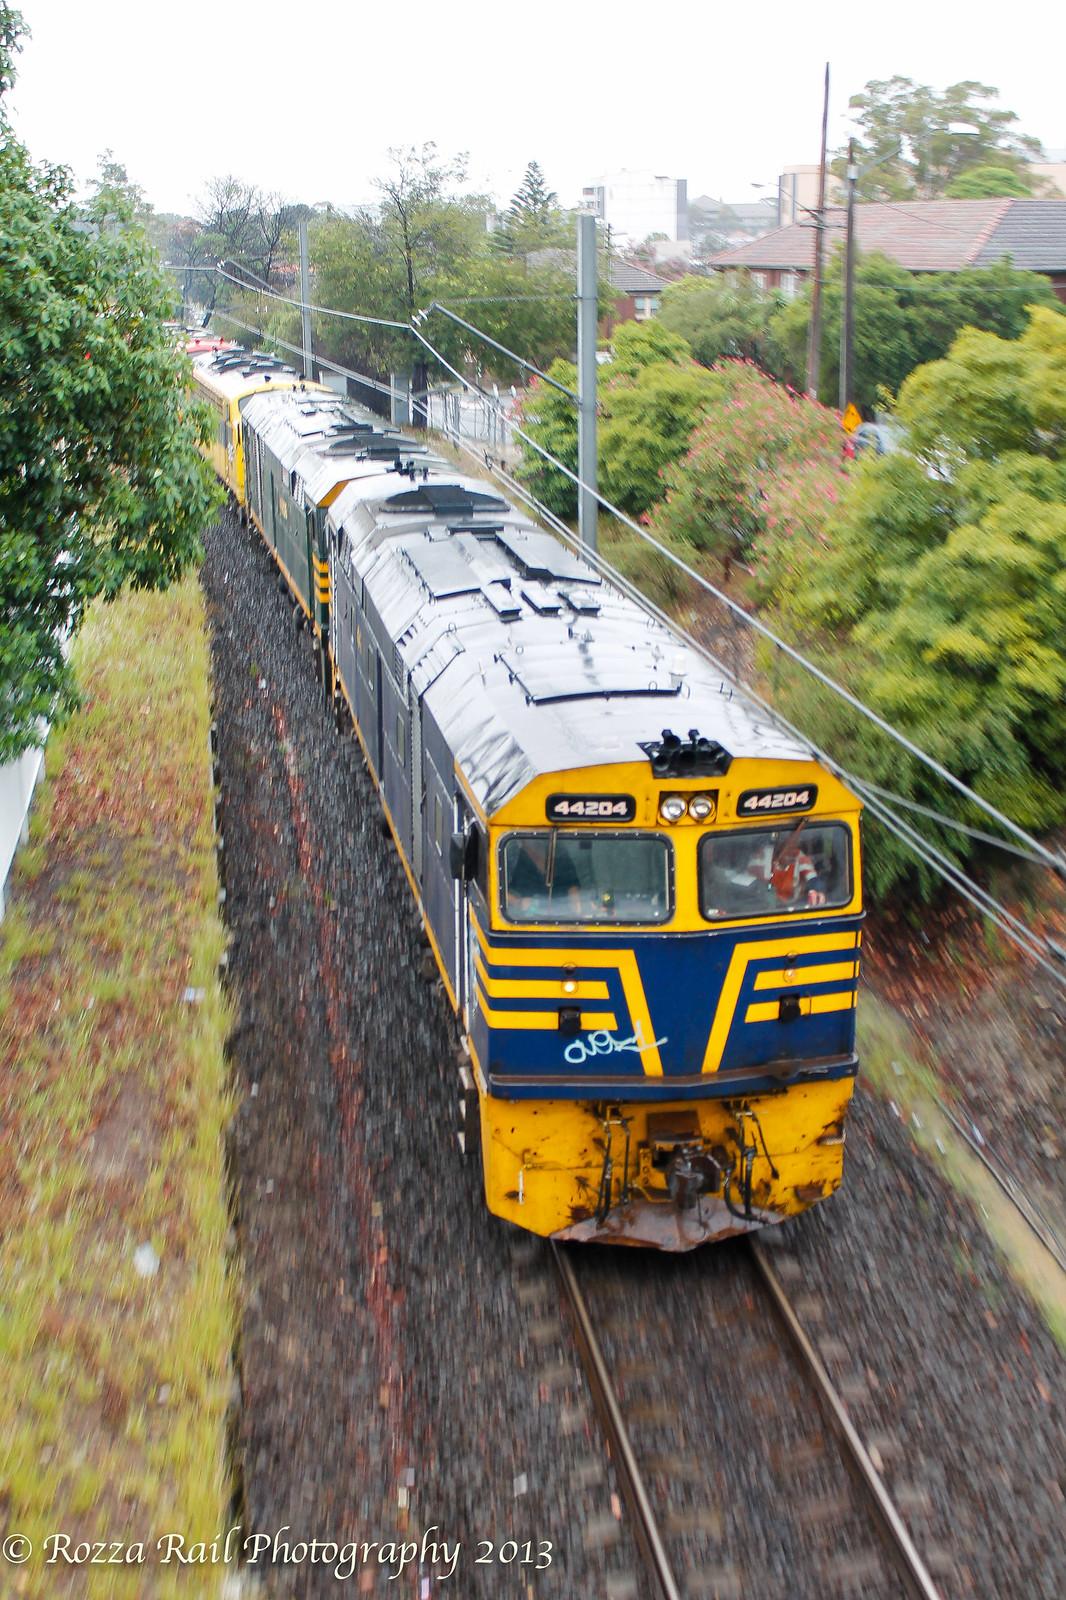 44206/44204/B61/B65 lead works train by Roy